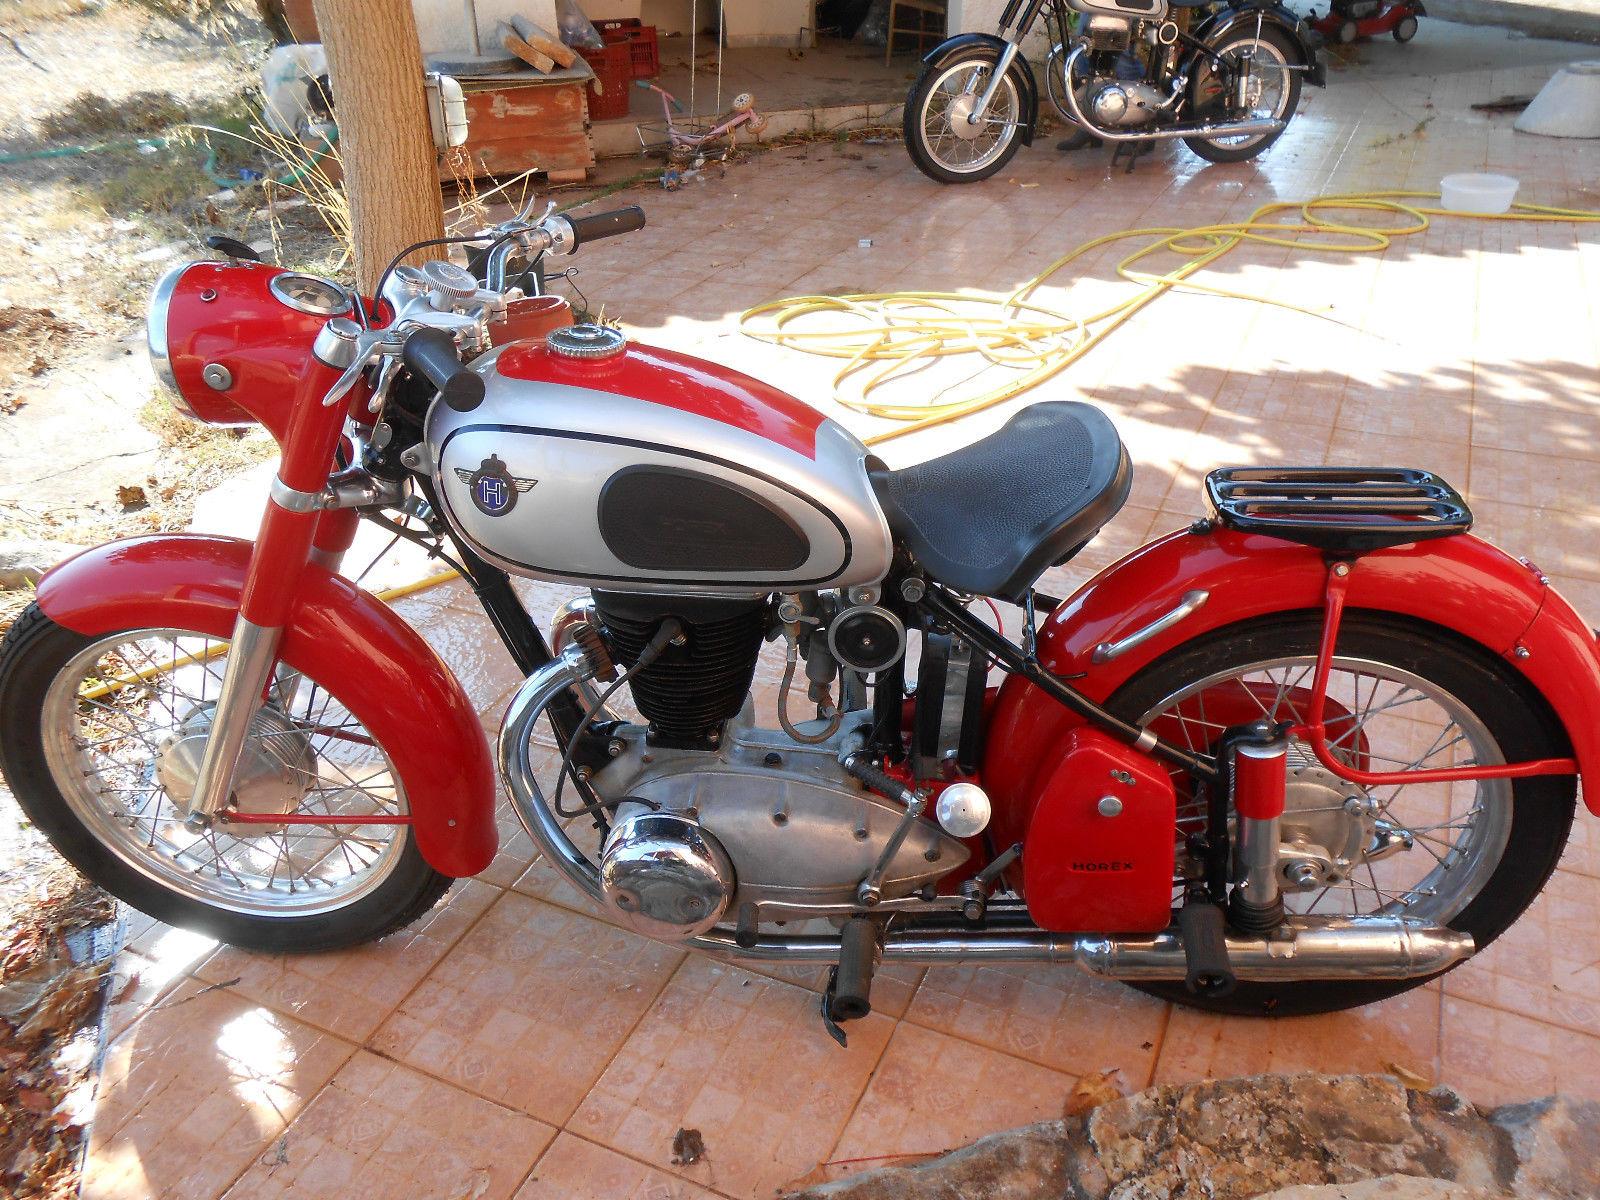 HOREX REGINA 350 red